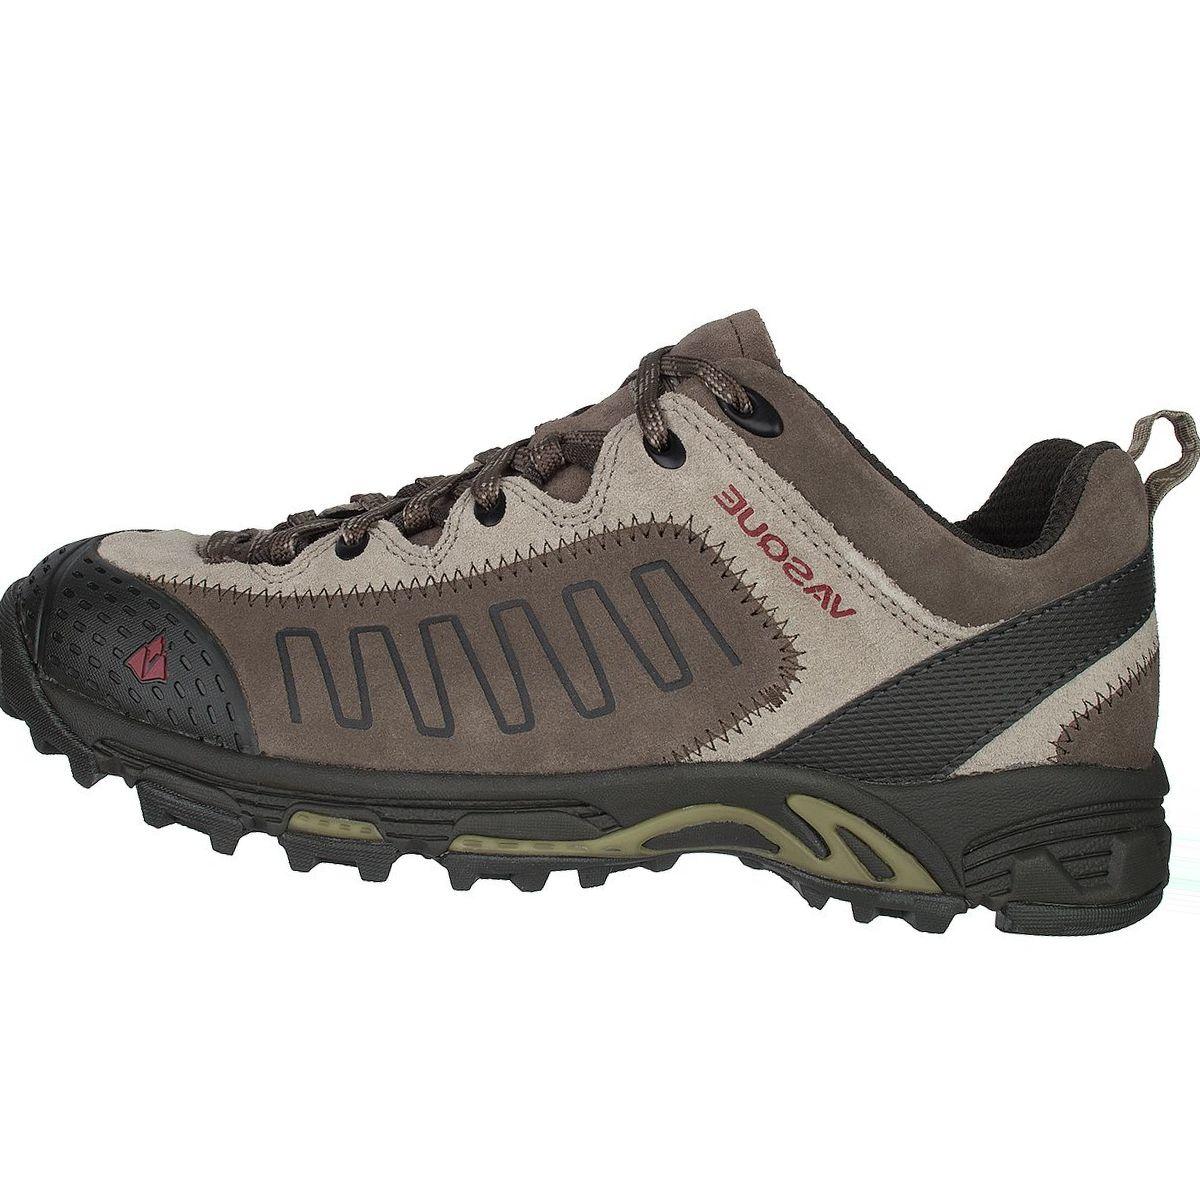 Vasque Juxt Hiking Shoe - Men's